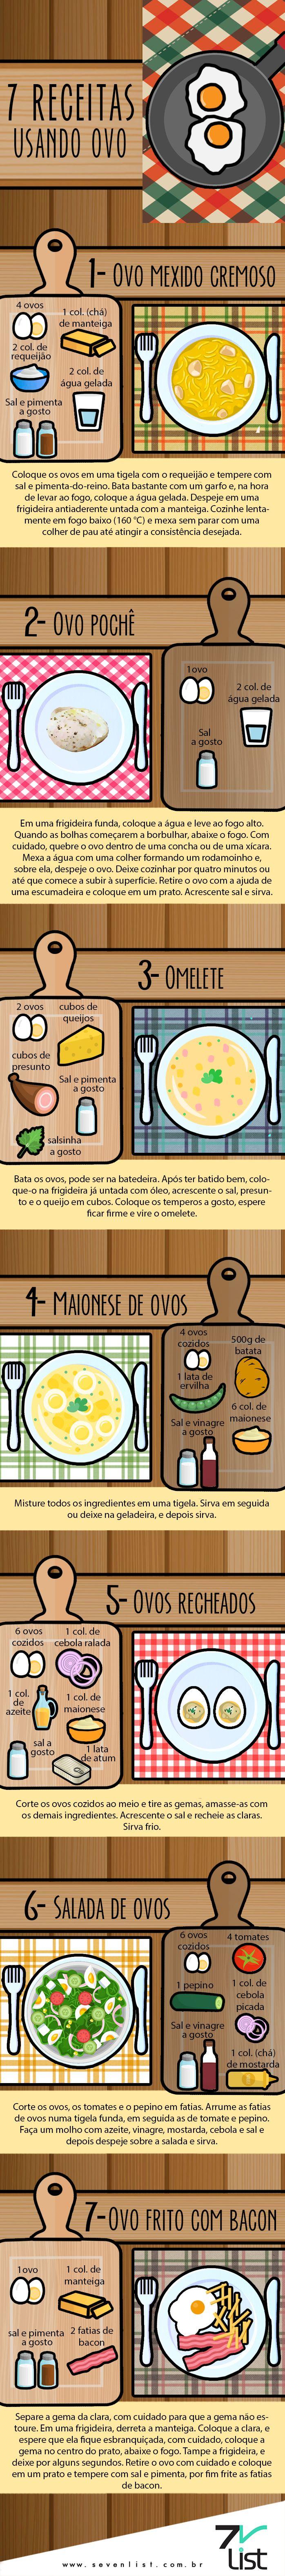 7 receitas usando ovo